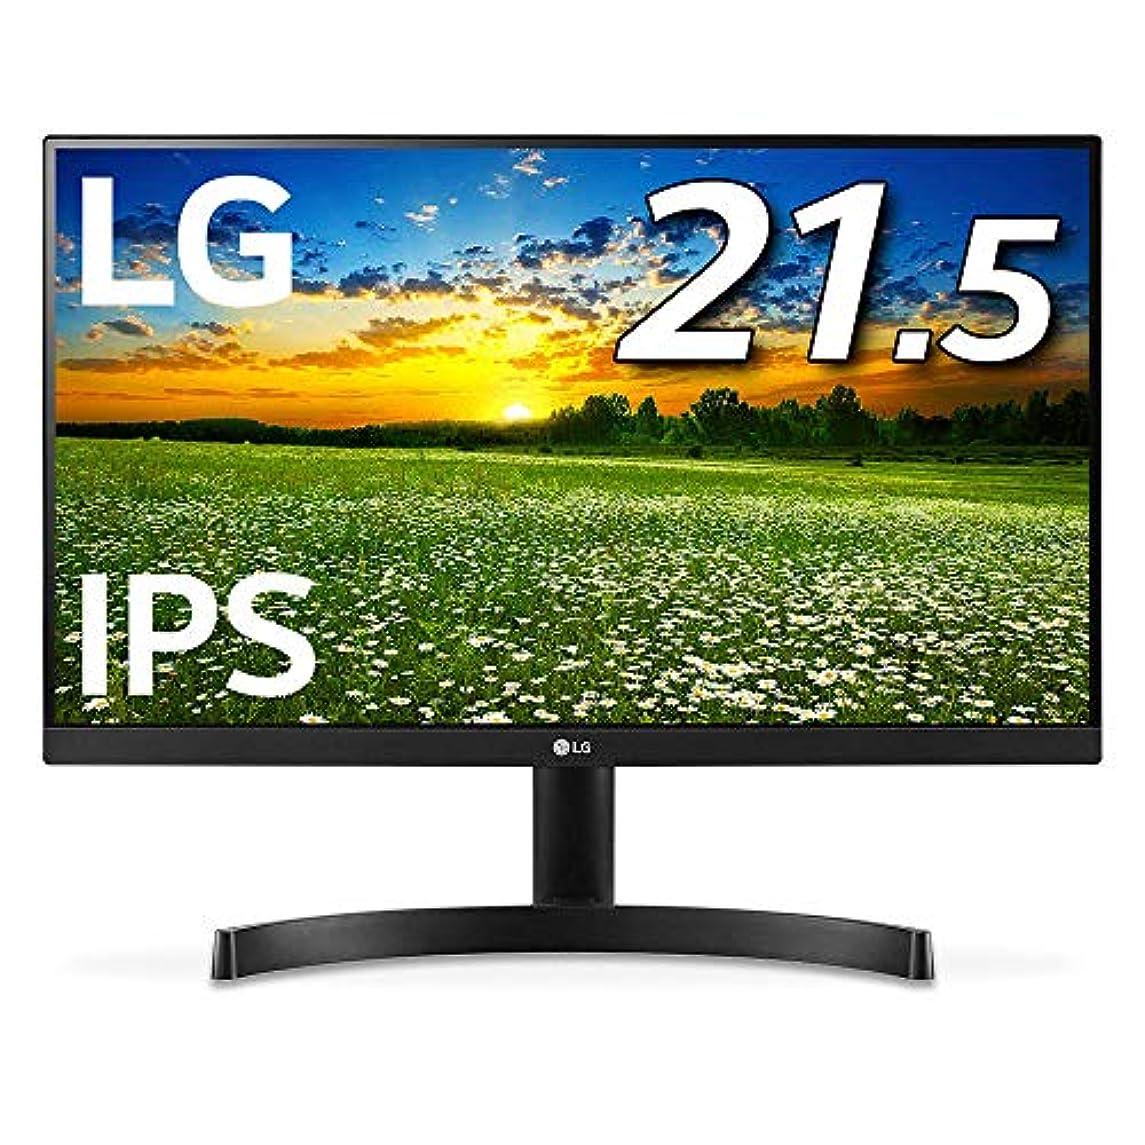 かなり現実トロリーLG モニター ディスプレイ 22MK600M-B 21.5インチ/フルHD/IPS 非光沢/フレームレス/HDMI×2/ブルーライト低減機能/FreeSync?DASモード搭載